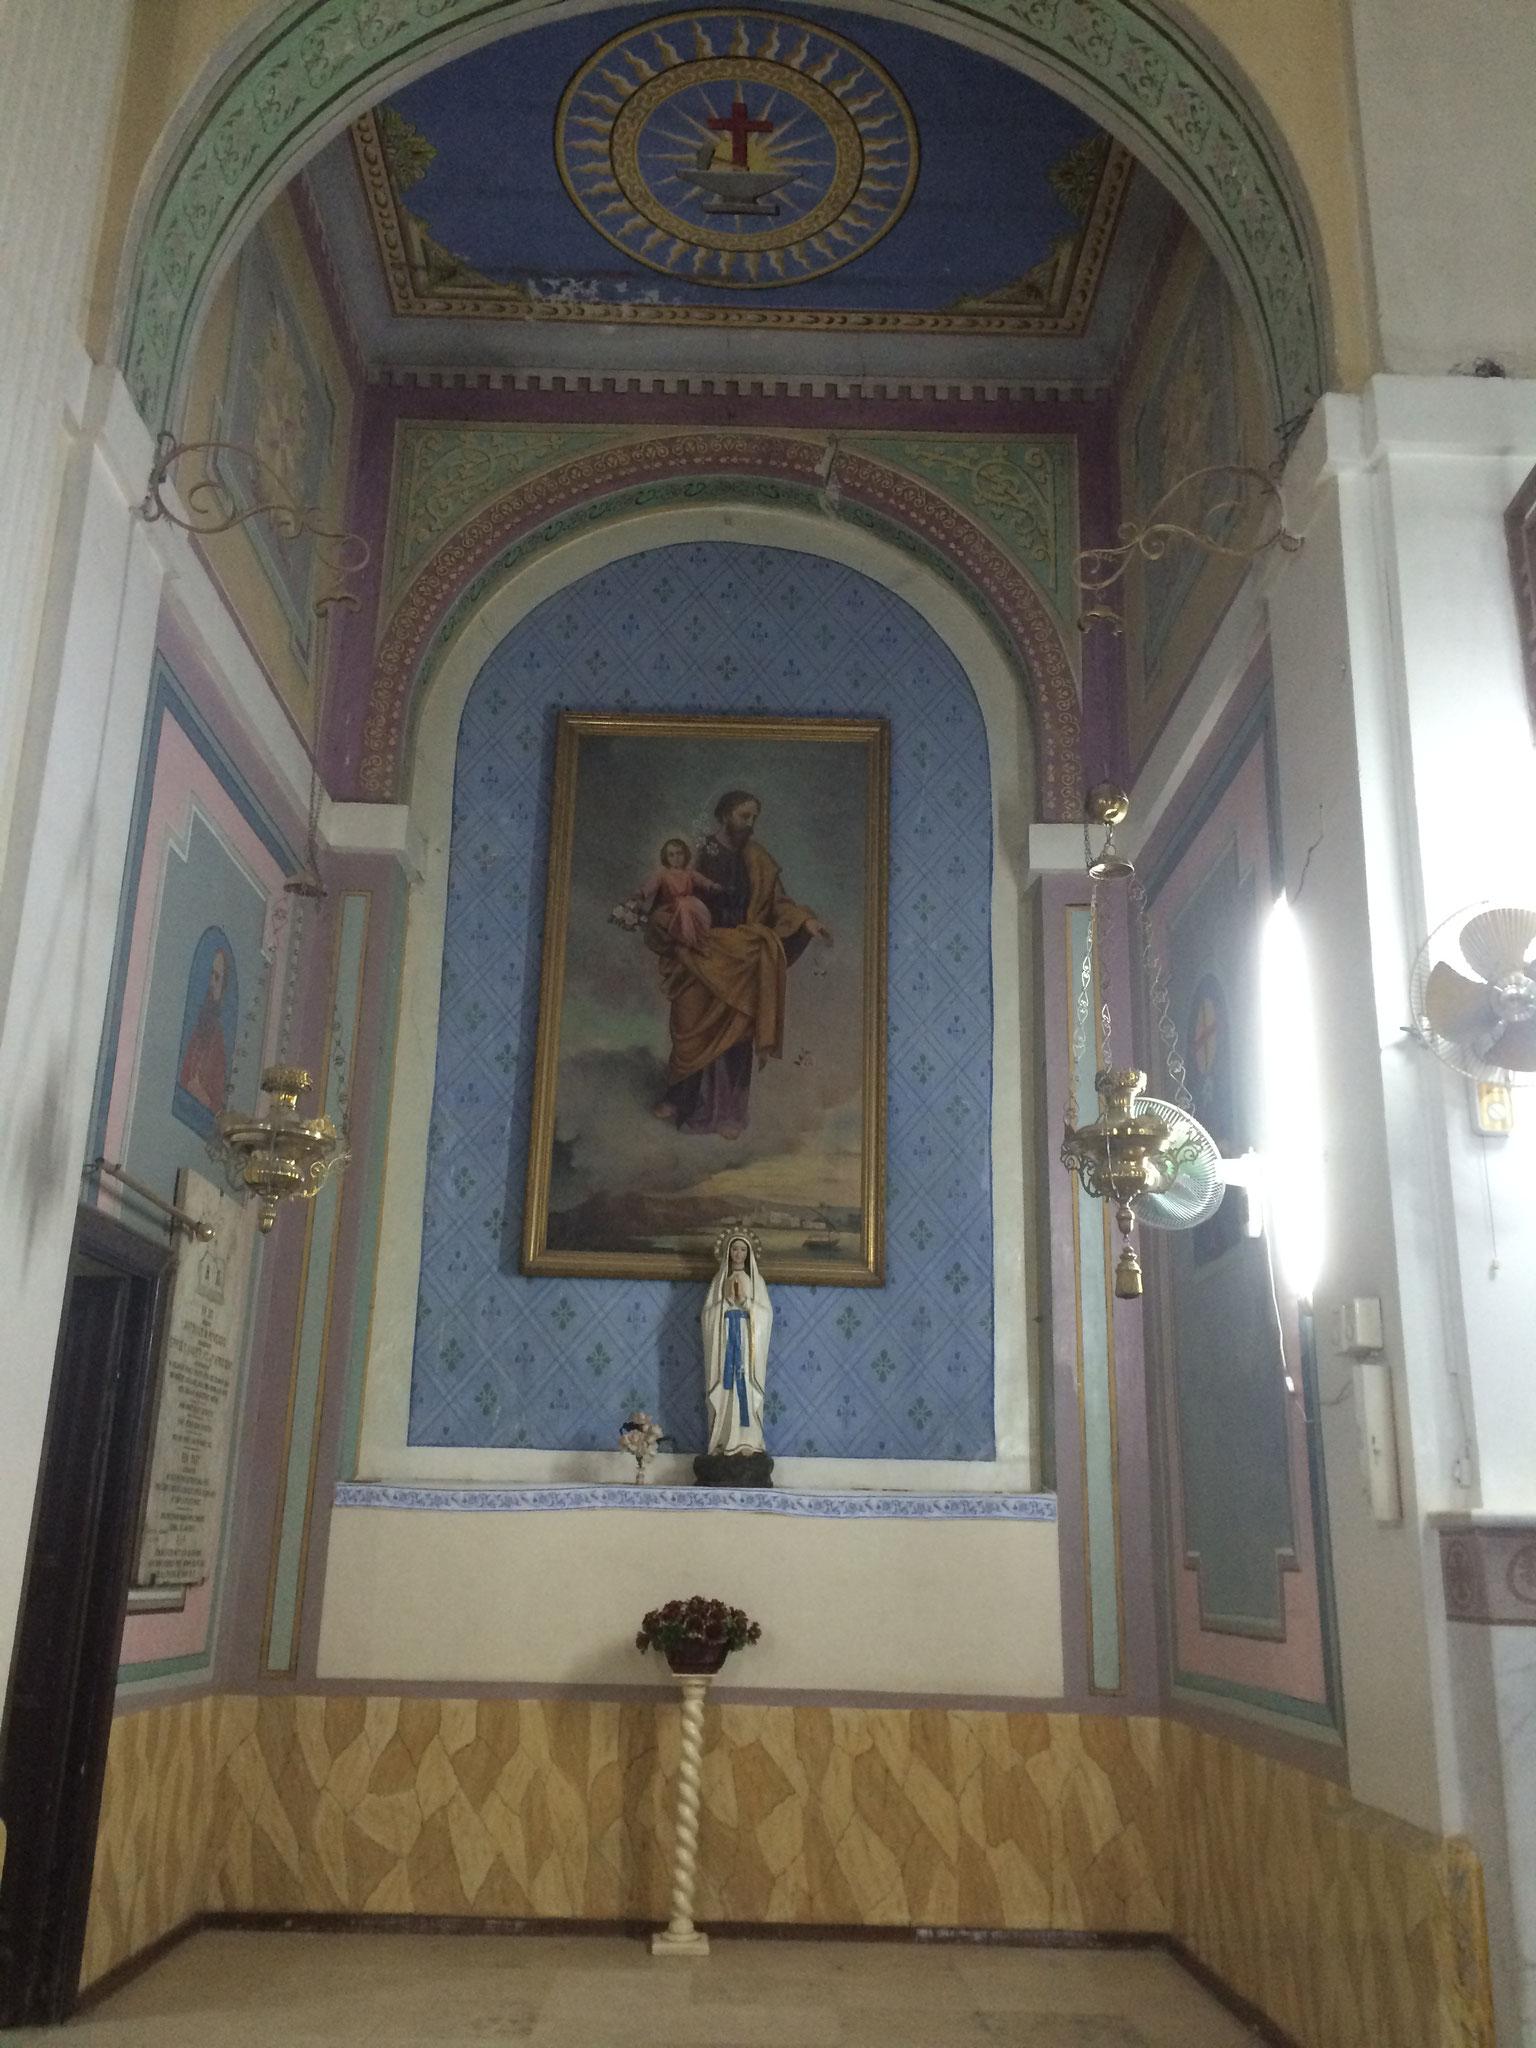 Catholic chuch St Vincent de paul